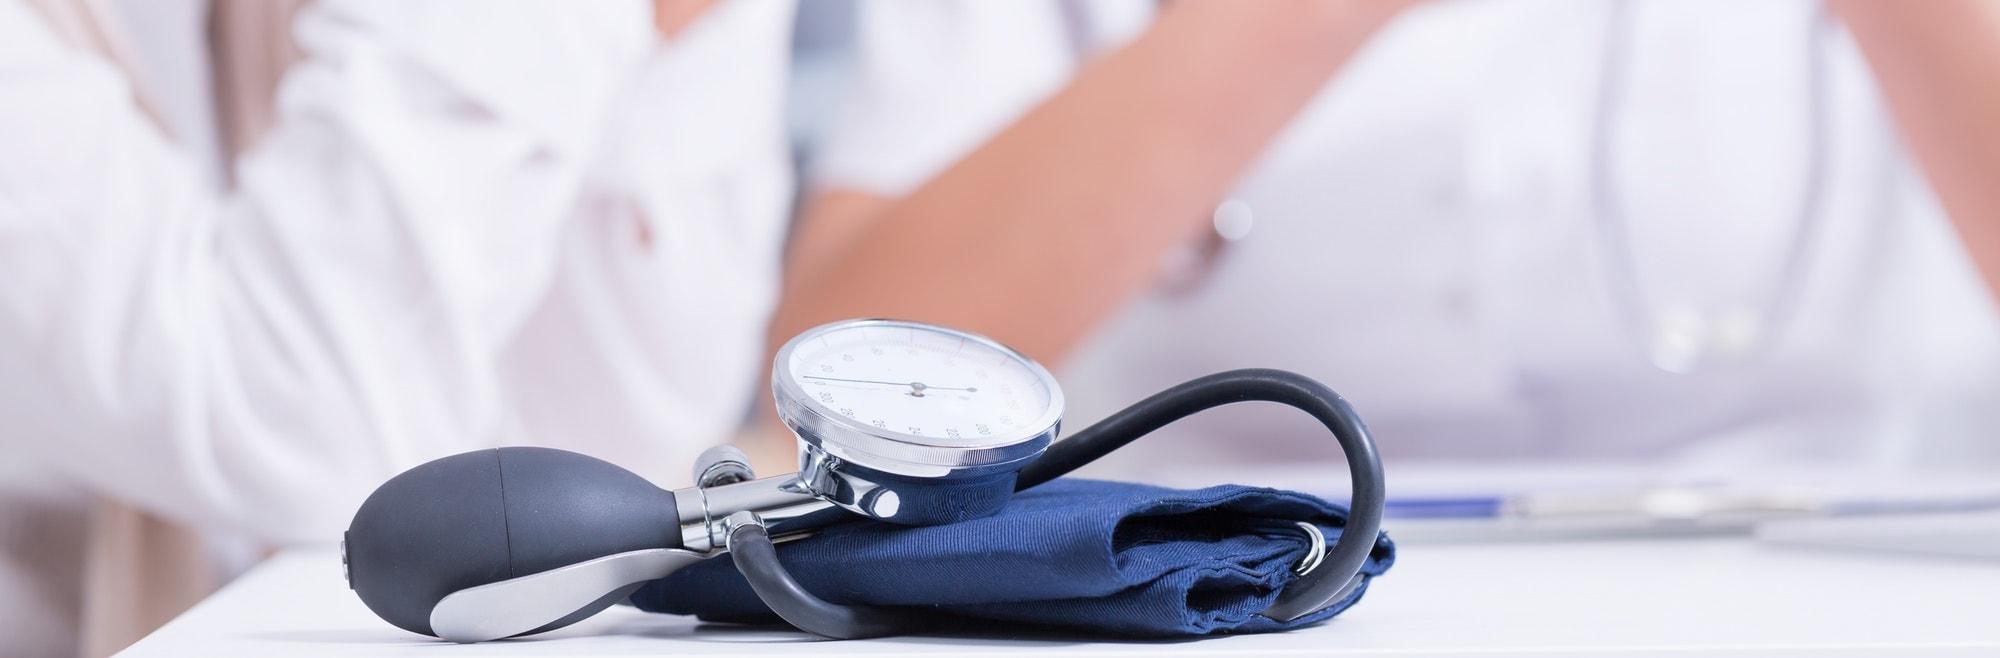 Blood pressure monitor on desk